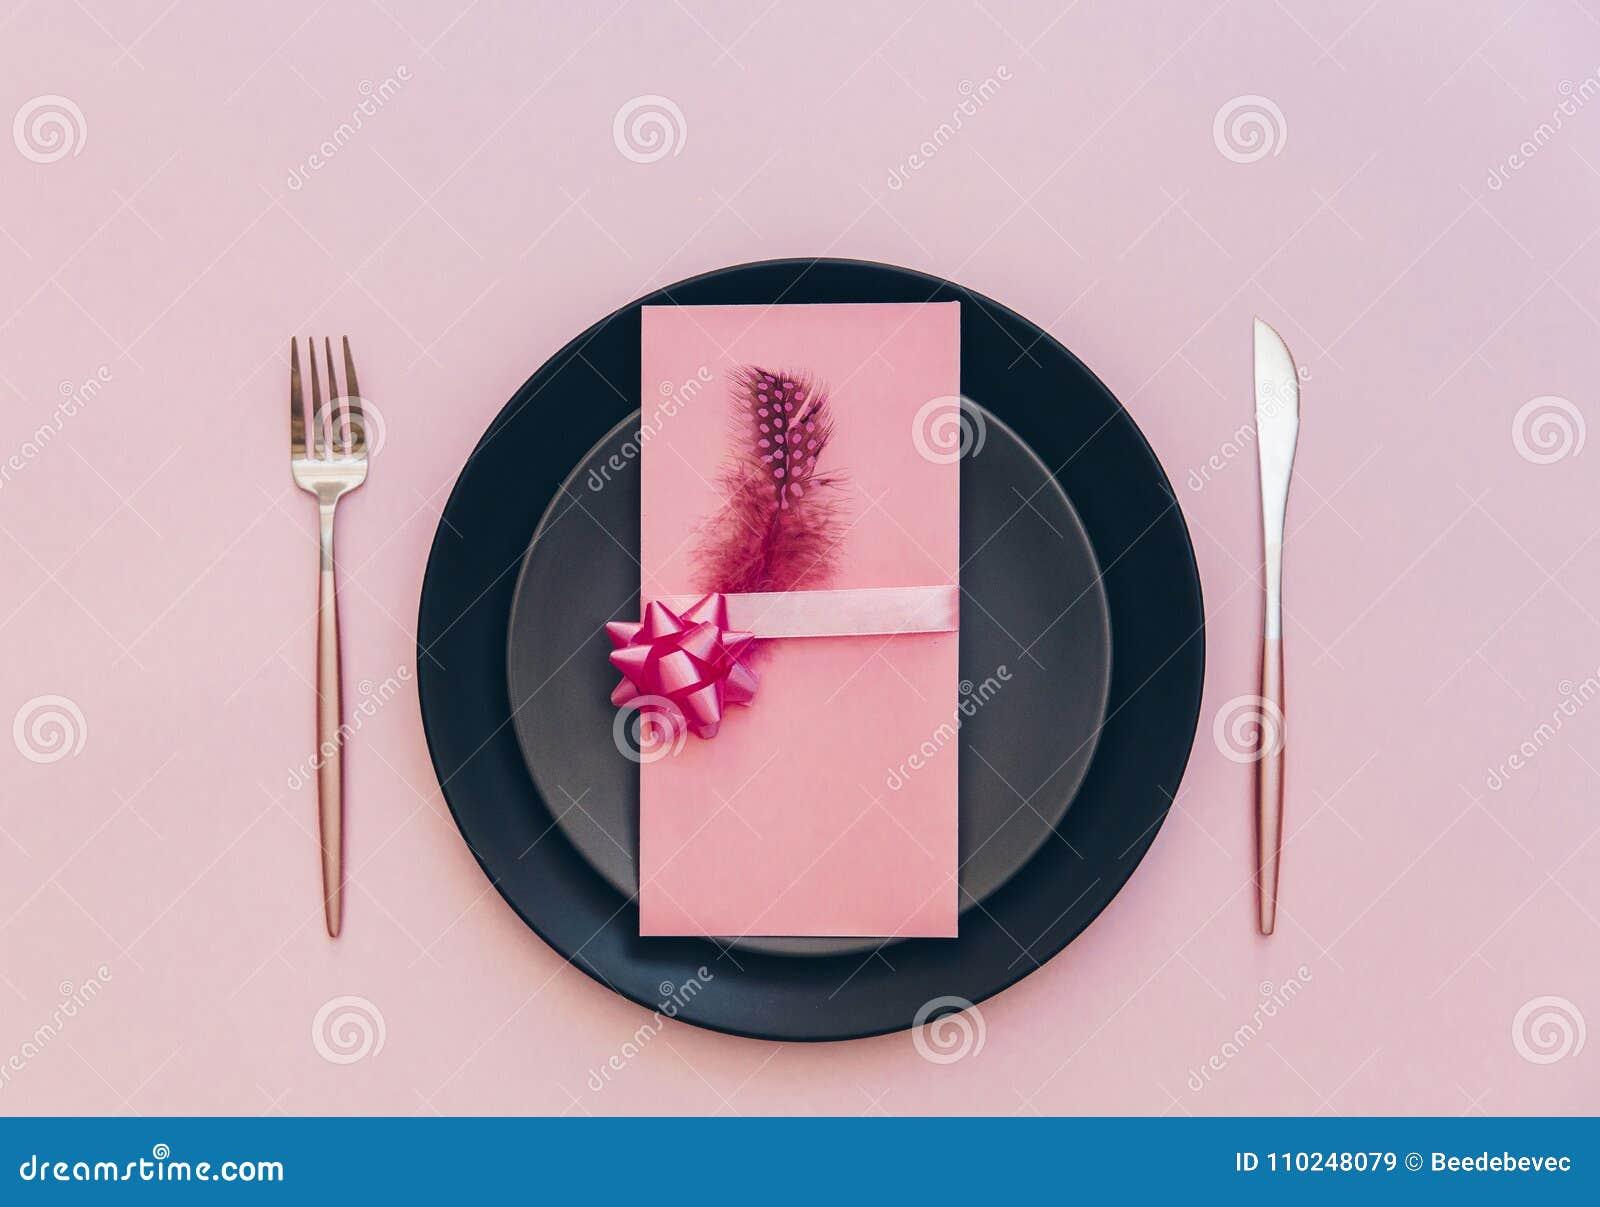 Взгляд сверху роскошной украшенной таблицы с плитой, карточкой и столовым прибором